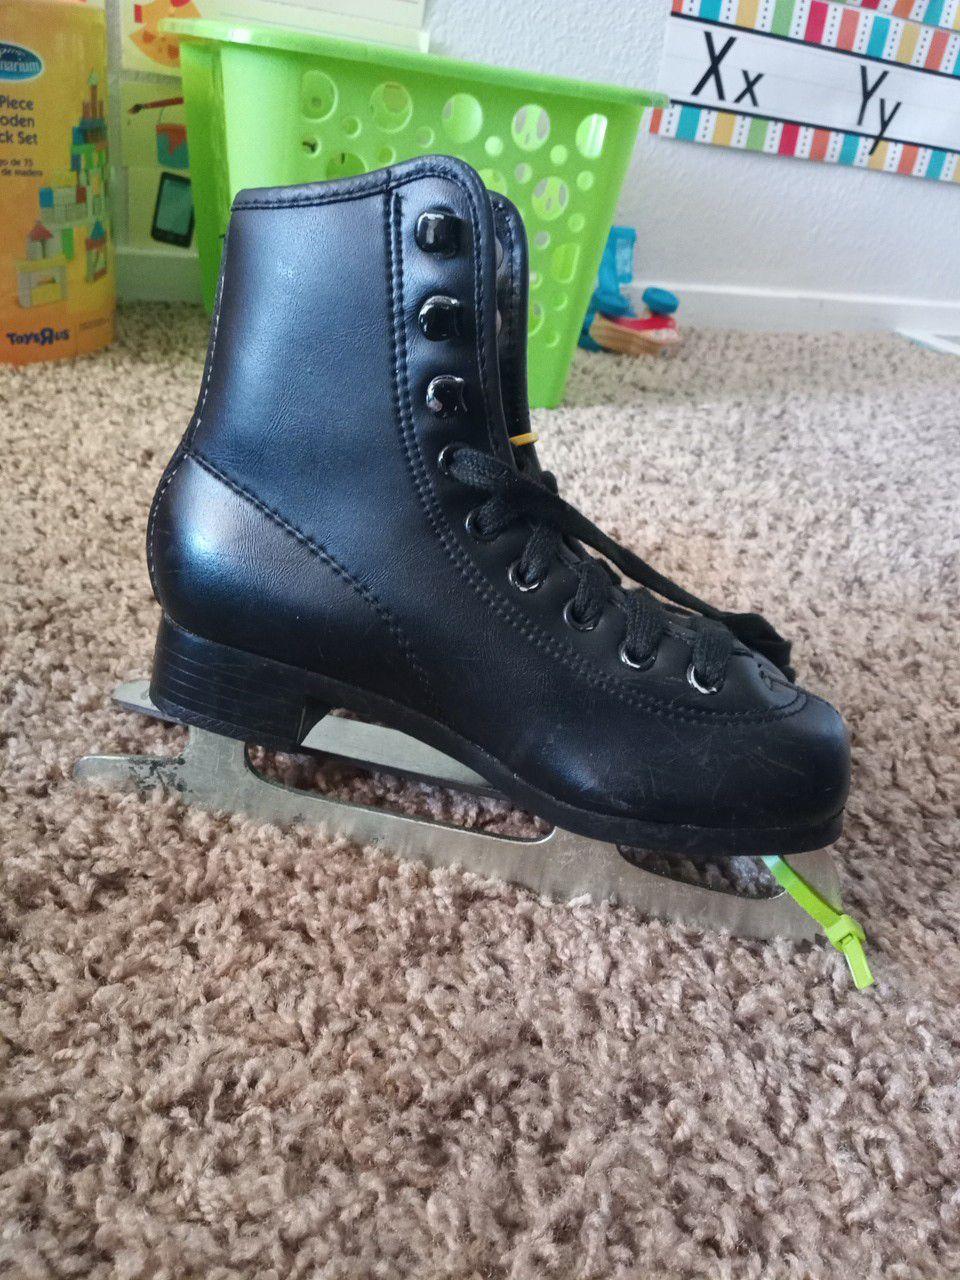 ice skates for kids